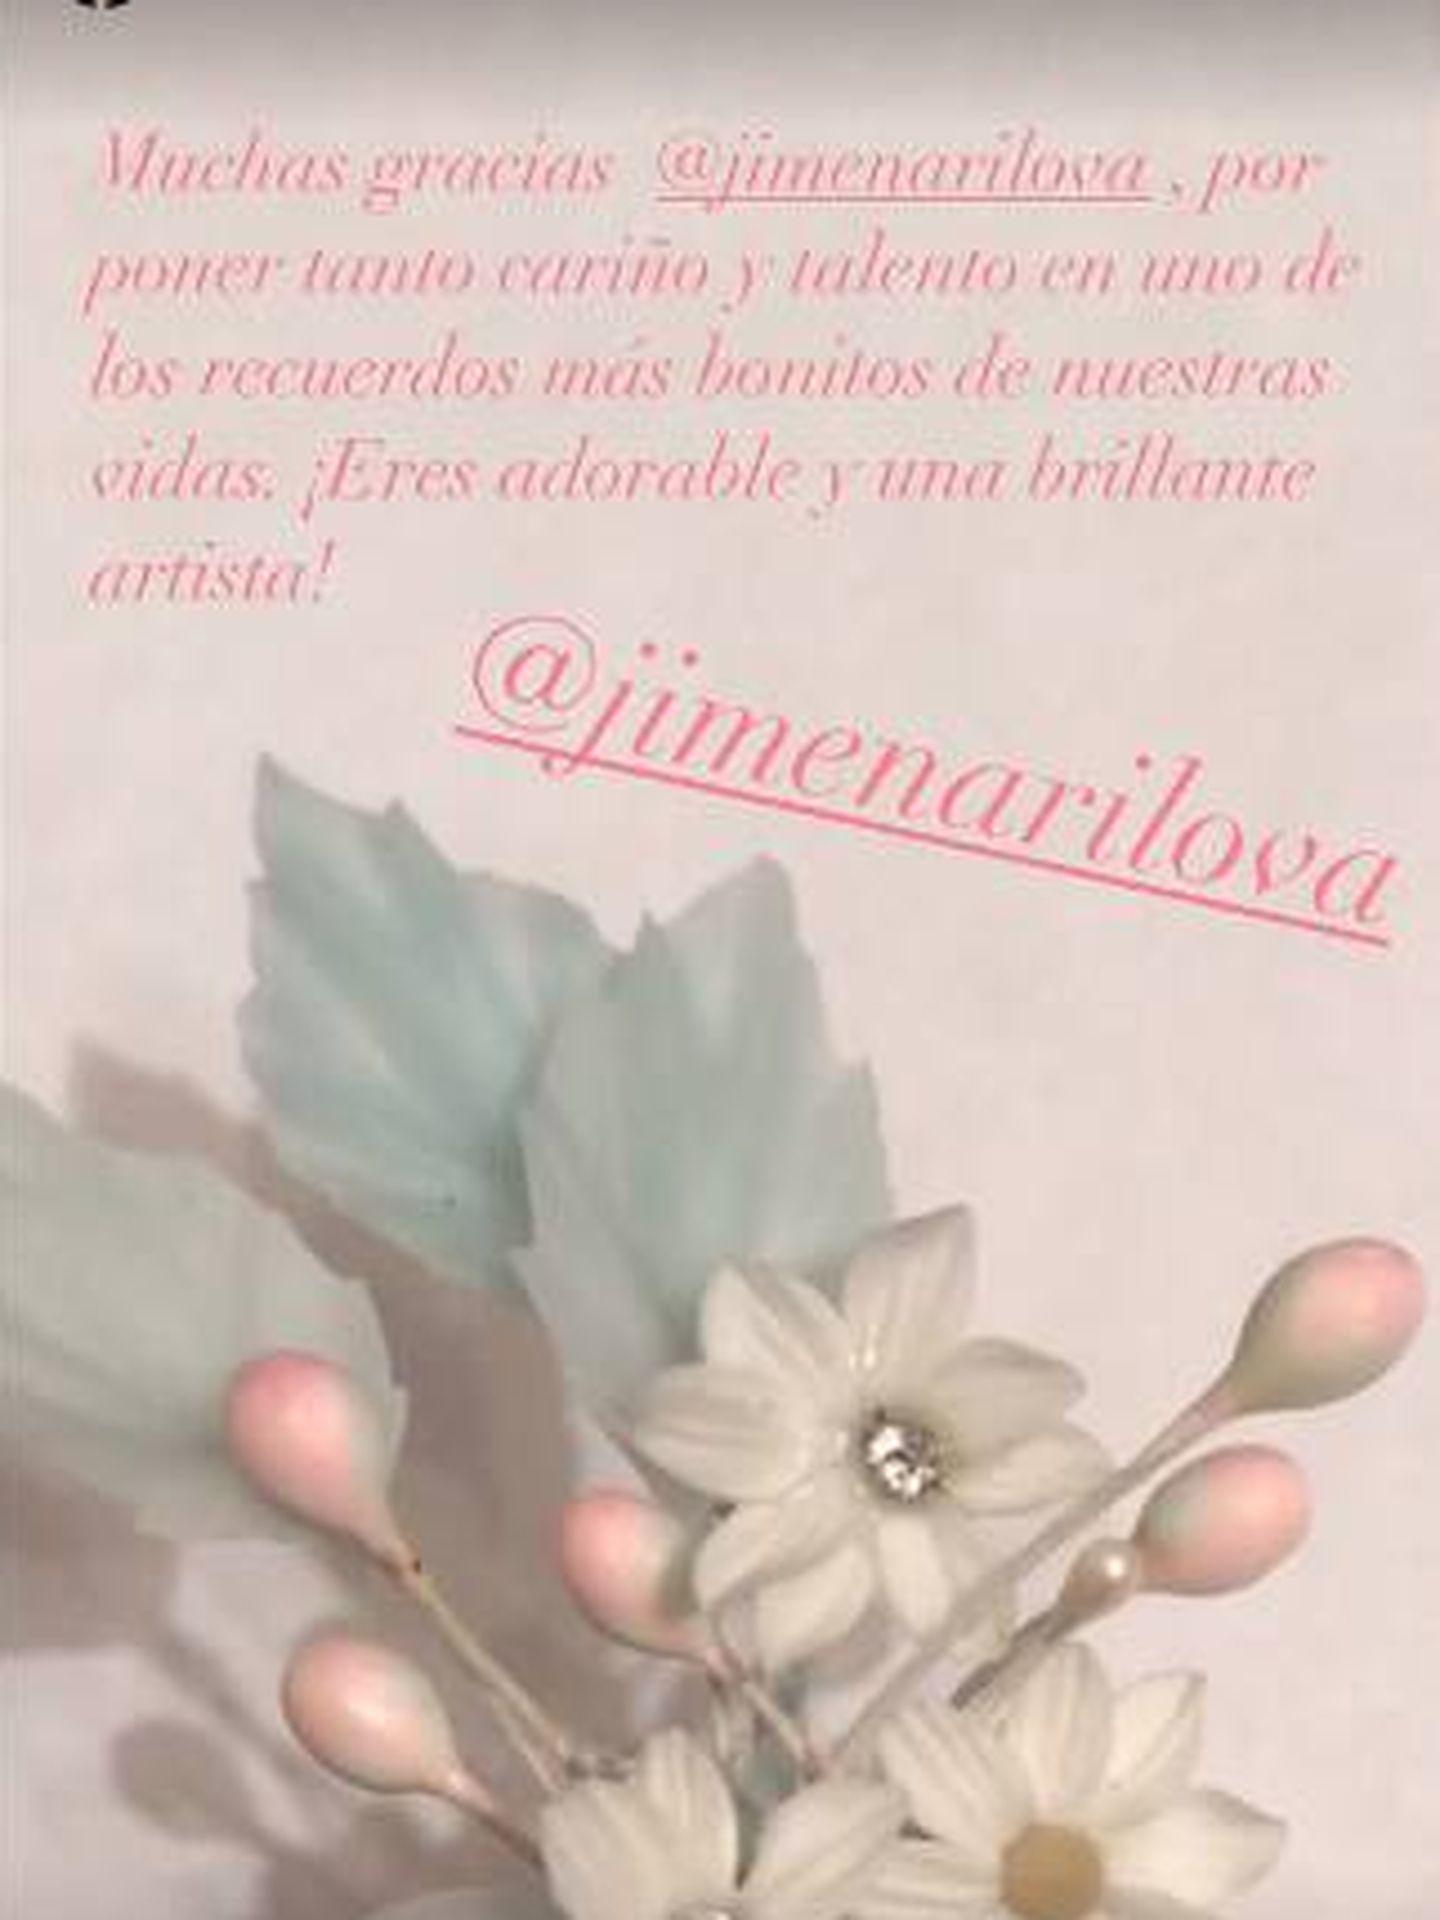 Detalle del adorno floral del tocado de la hija de Paloma Cuevas. (IG)